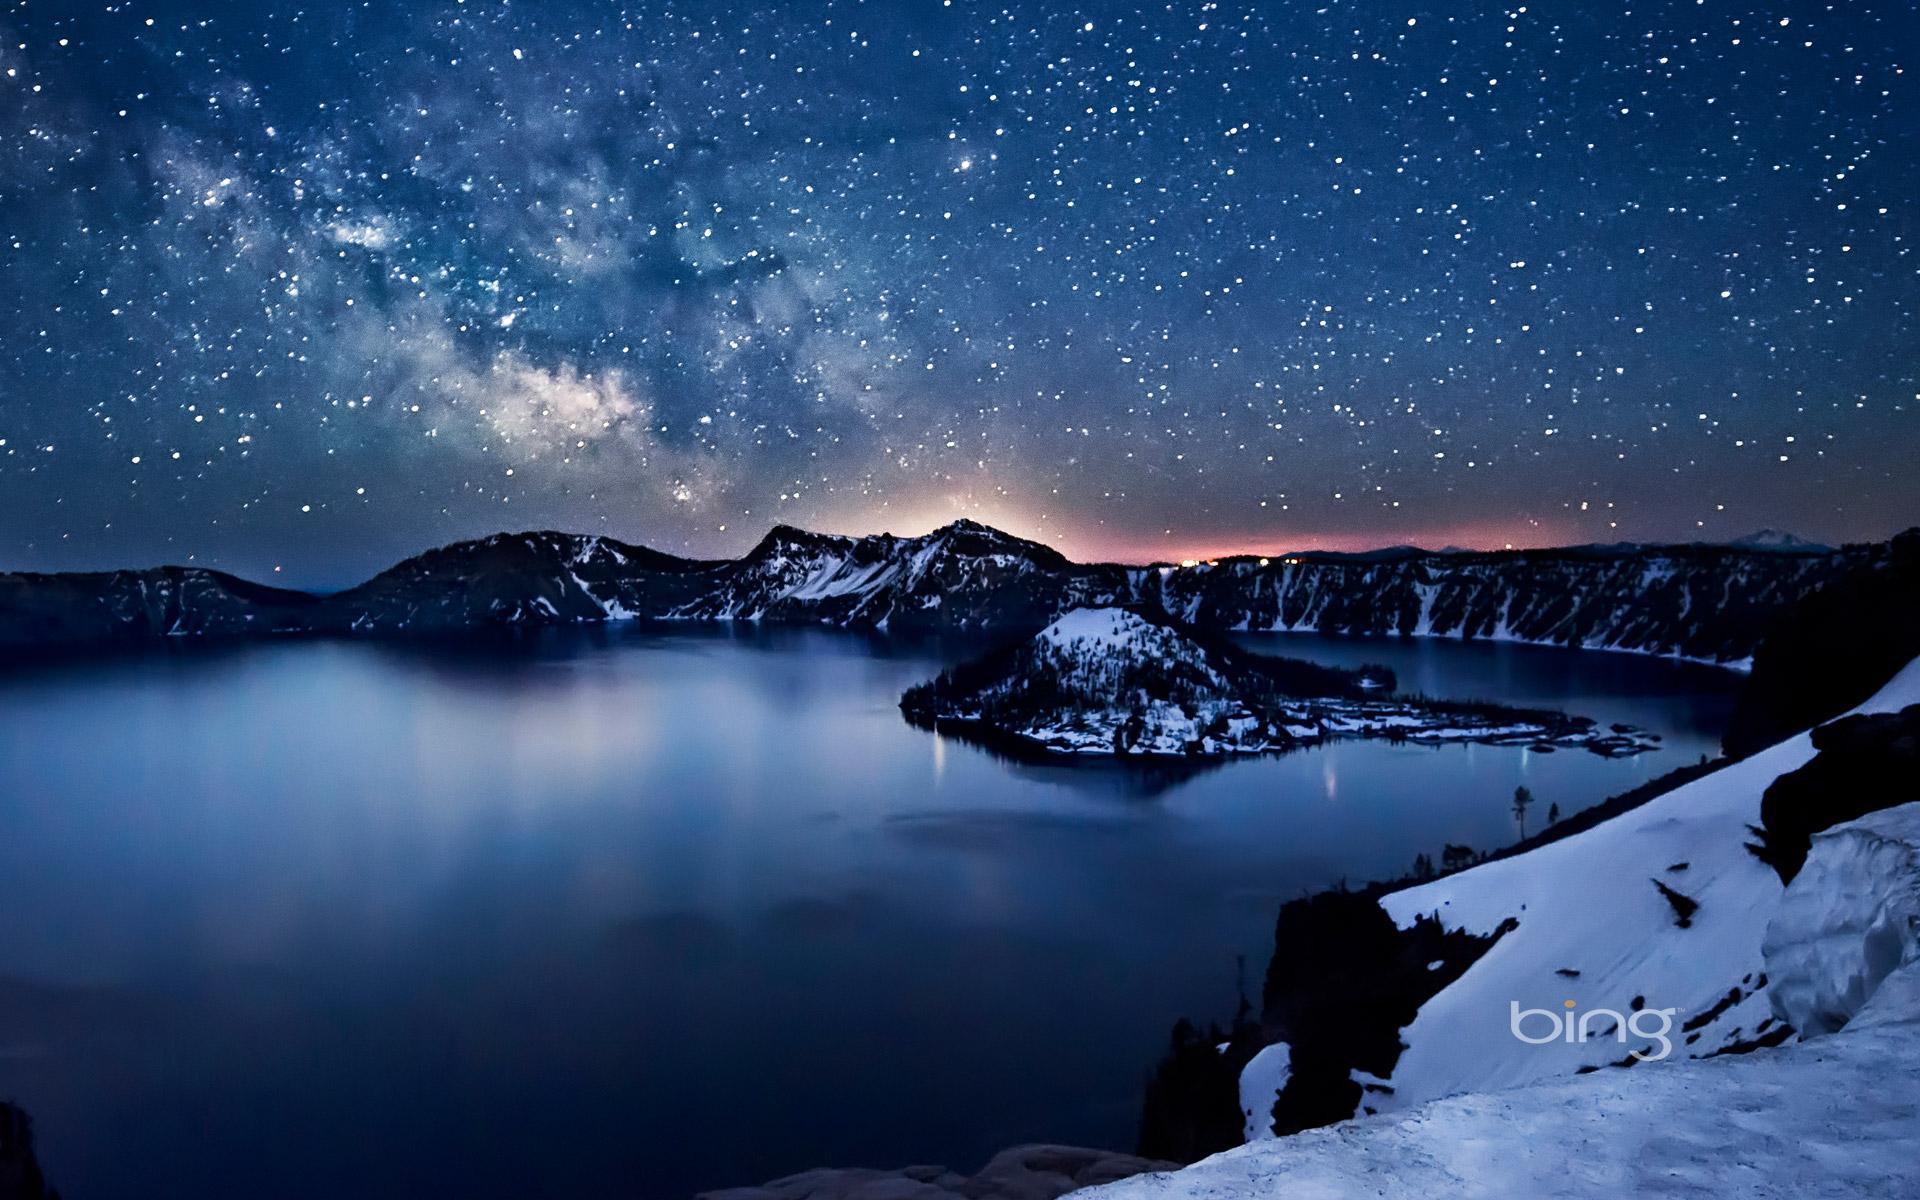 俄勒冈州  火山口湖与银河.jpg